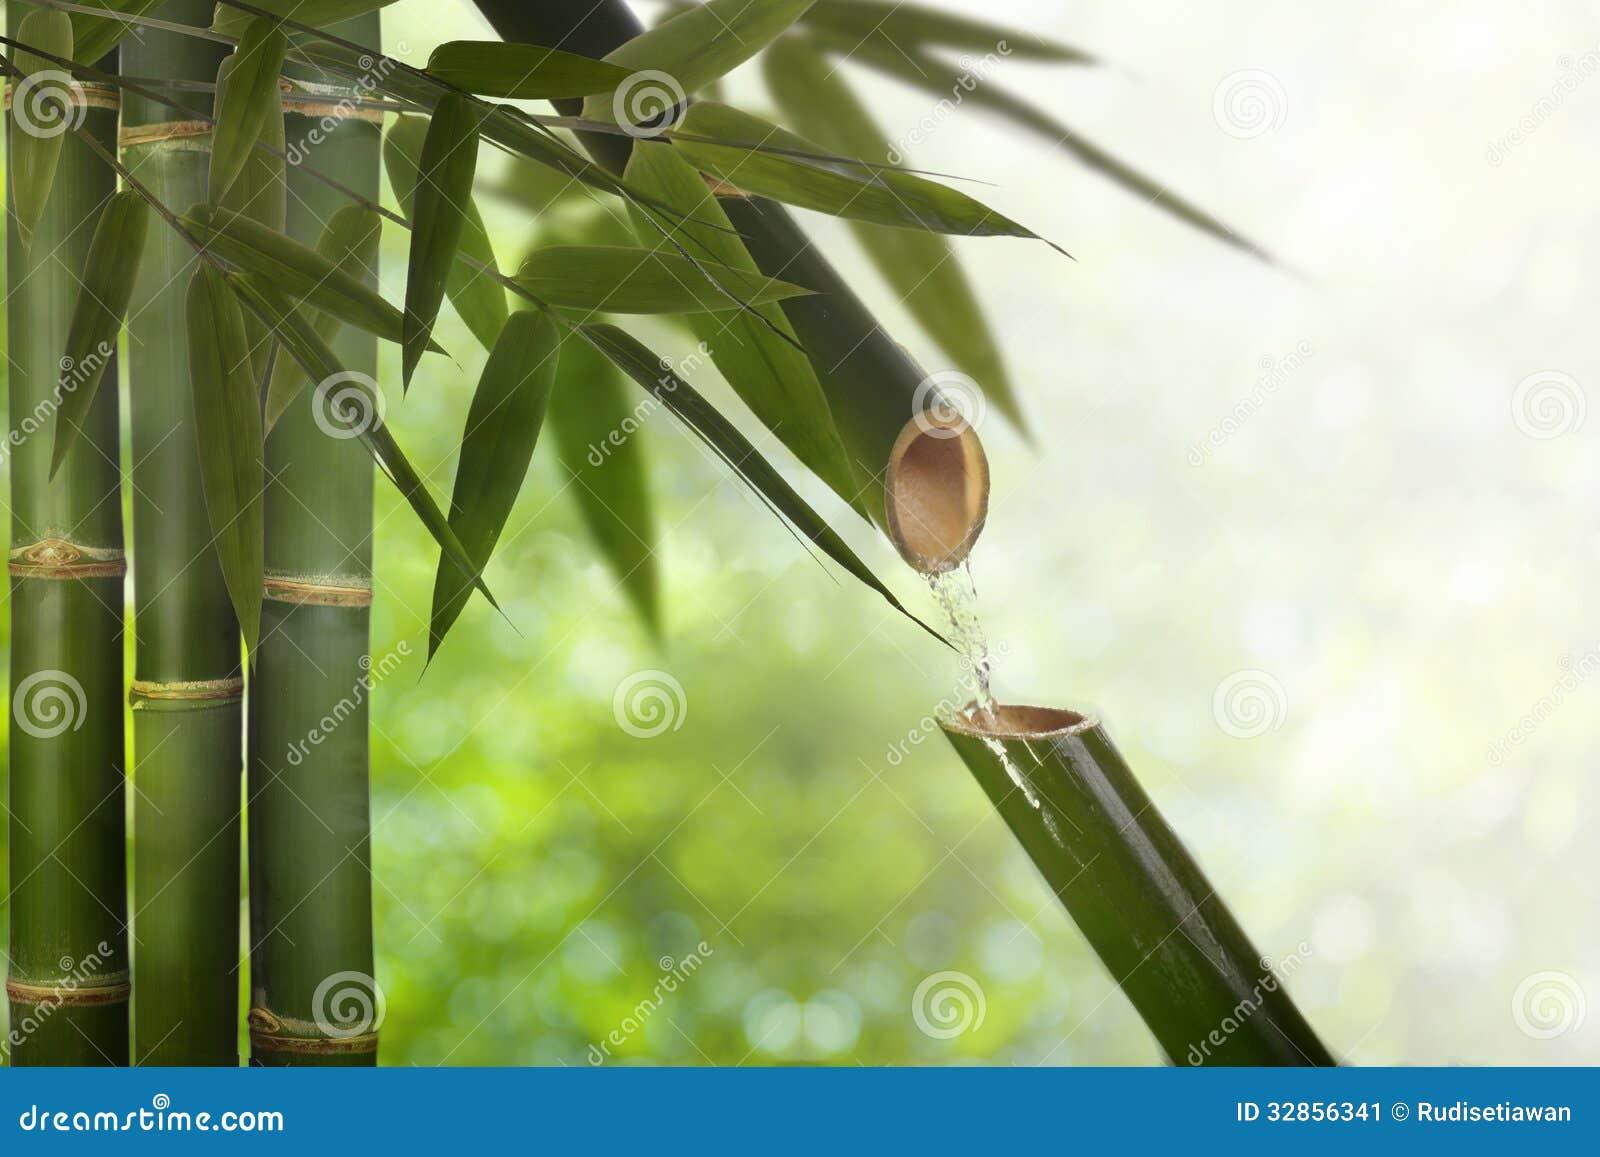 fuente de bamb del zen imagen de archivo with fuentes de bambu